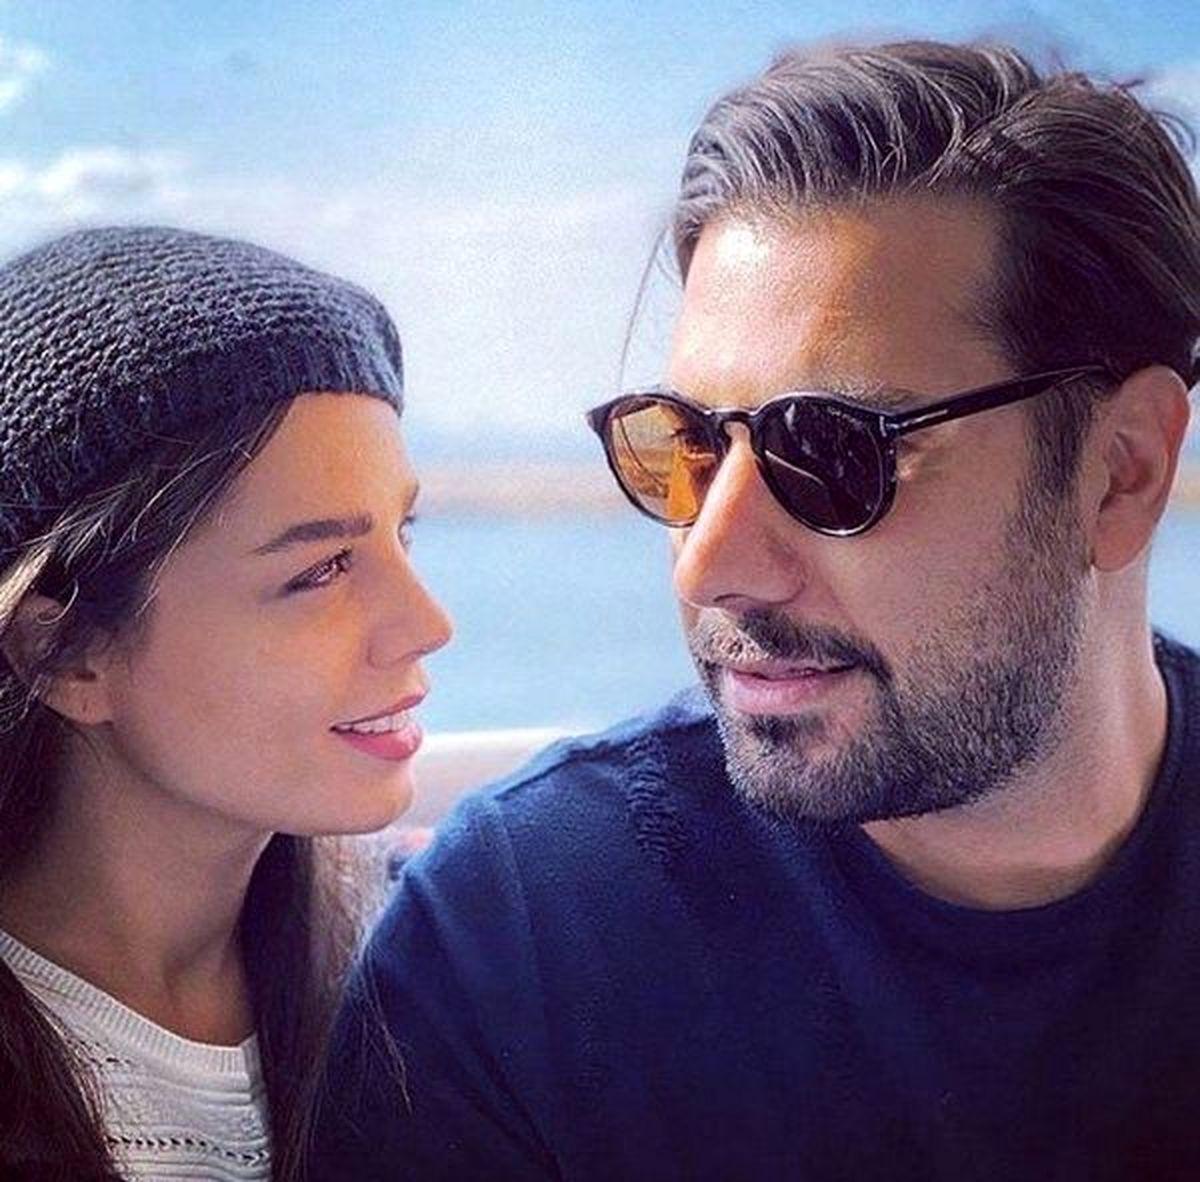 پست عاشقانه خواننده معروف جنجال به پا کرد + عکس